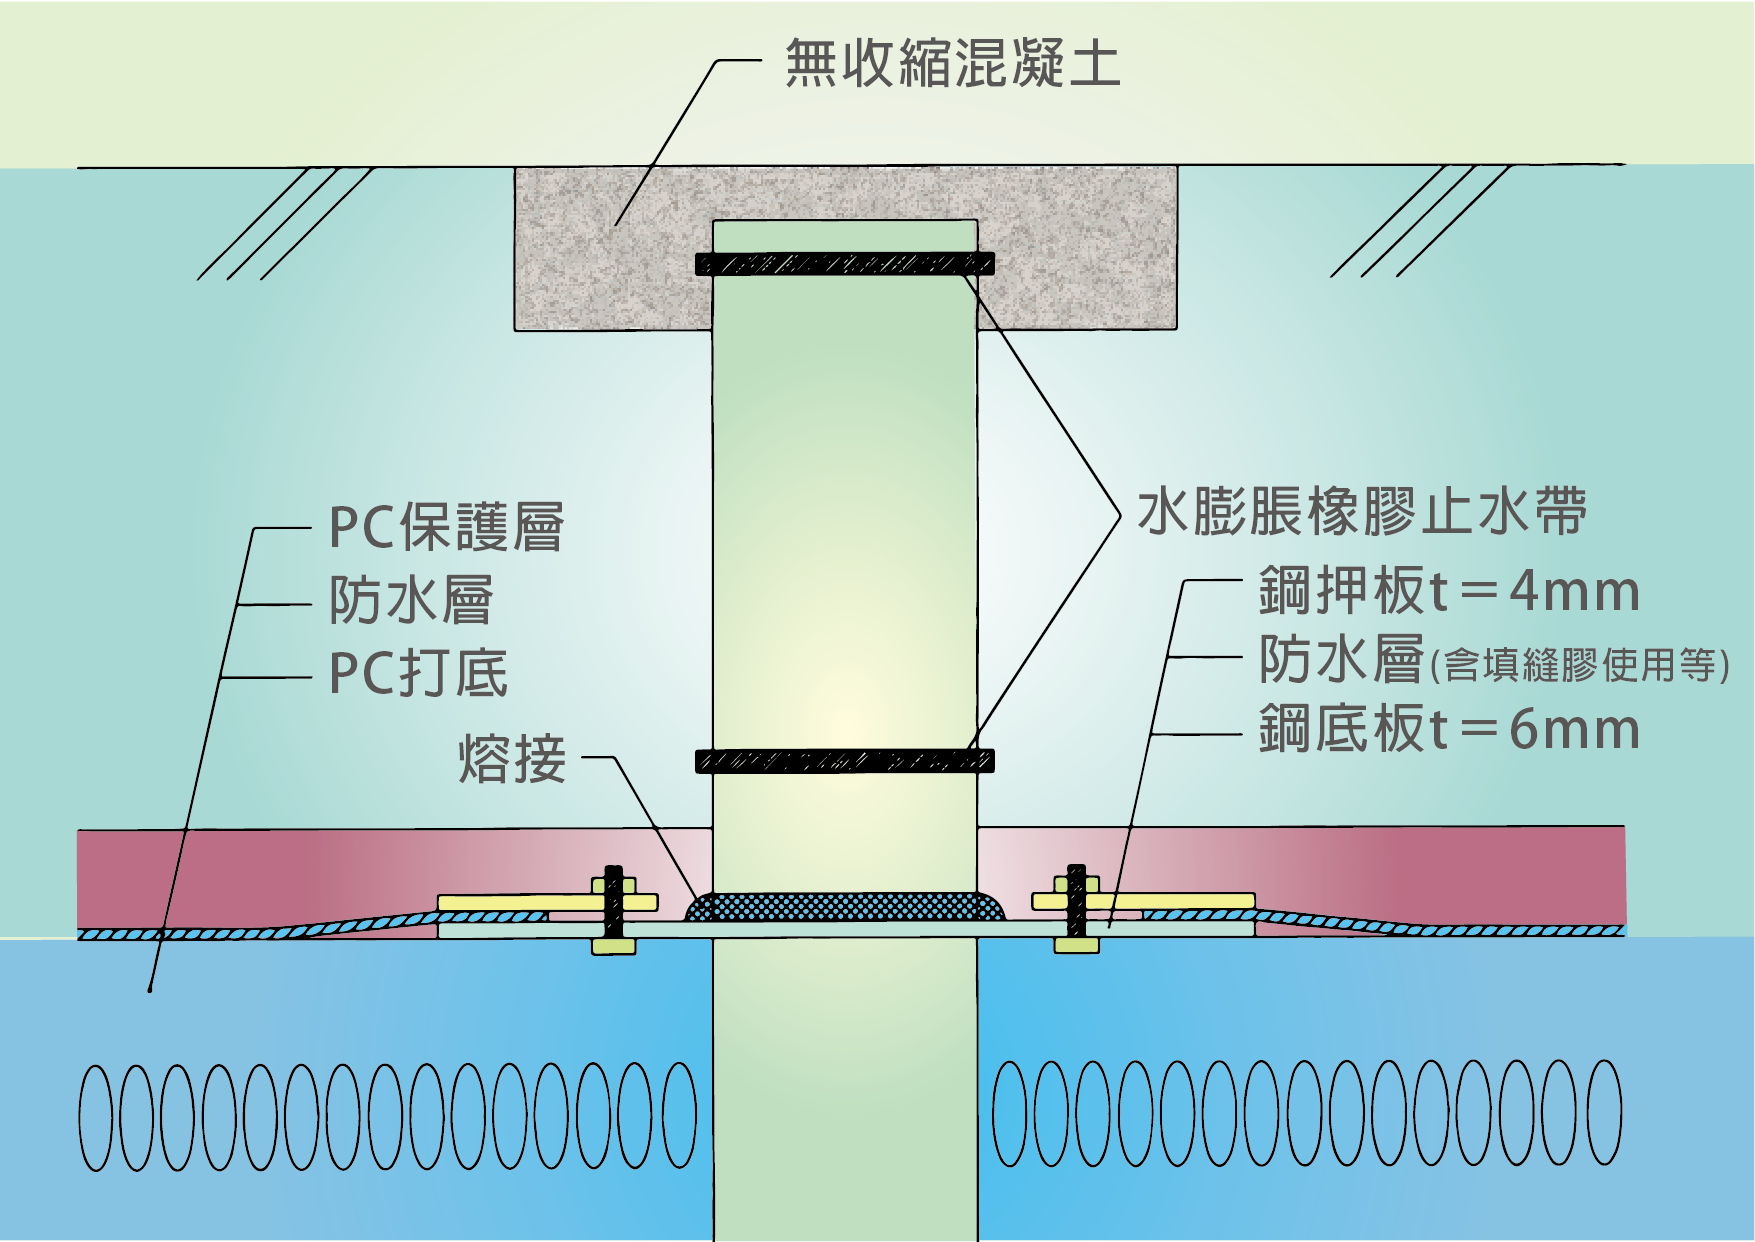 圖2-4-83(圖例二).png